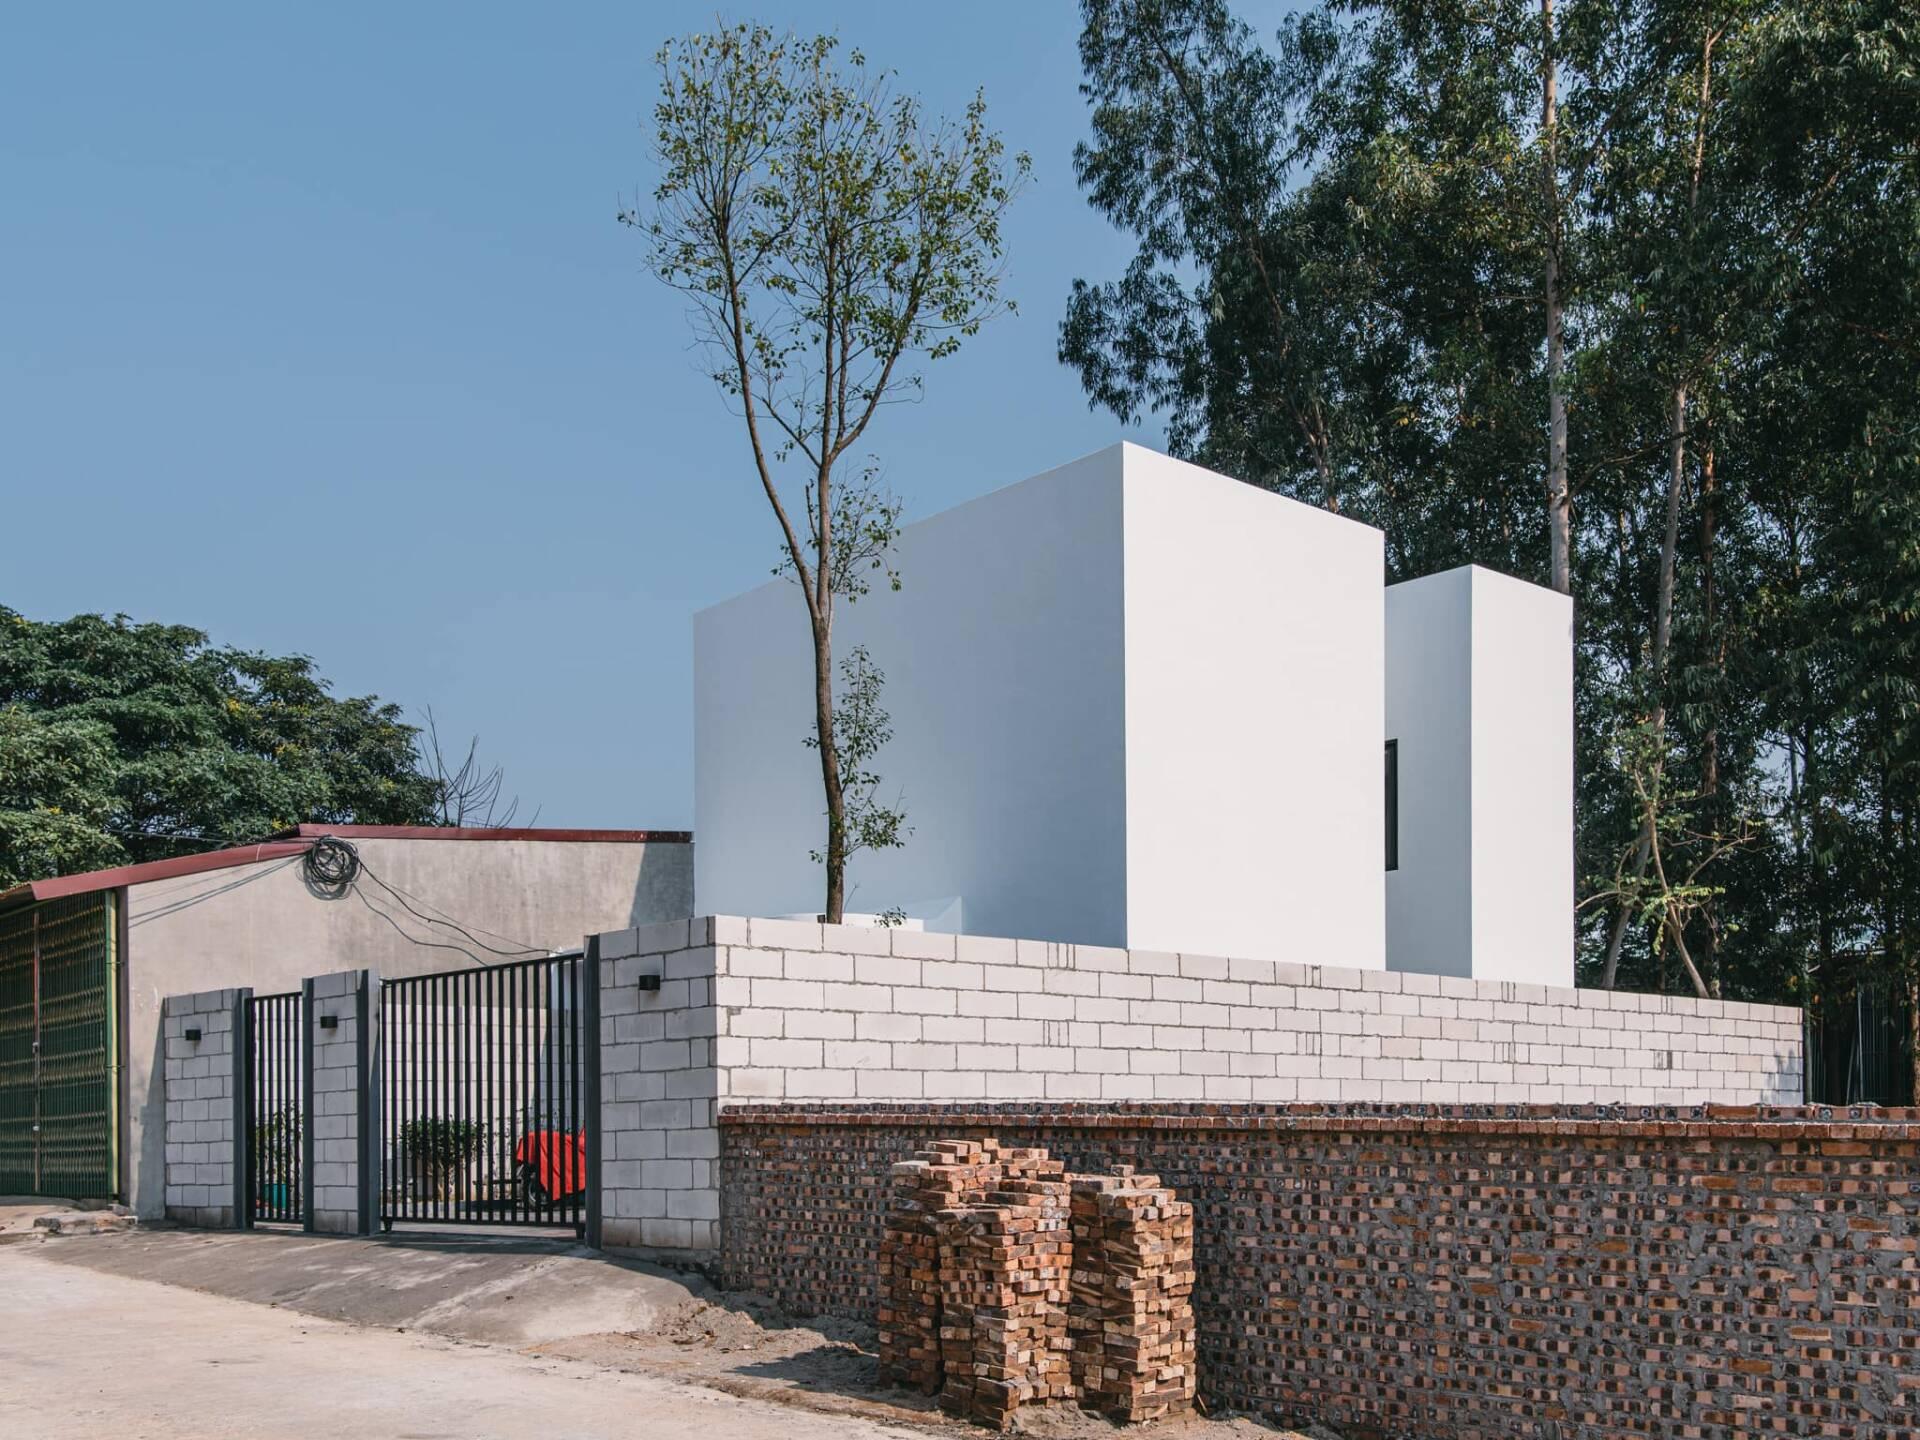 Căn nhà như một khối cubic trắng muốt hiện đại mà rất tinh tế